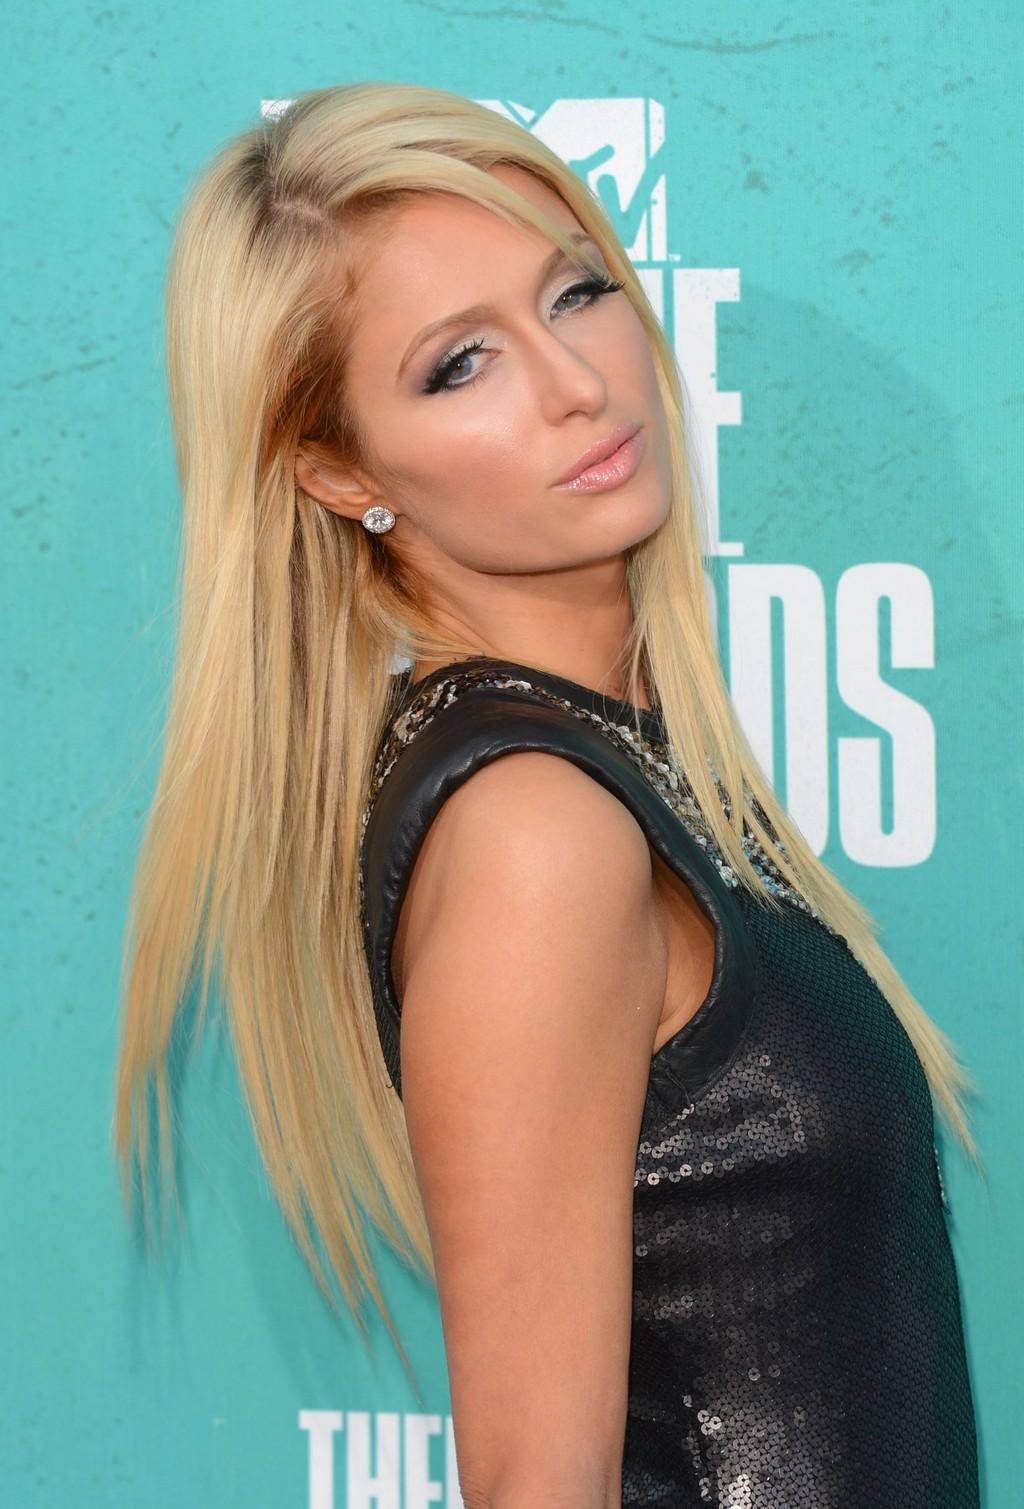 La registrazione omofoba di Paris Hilton